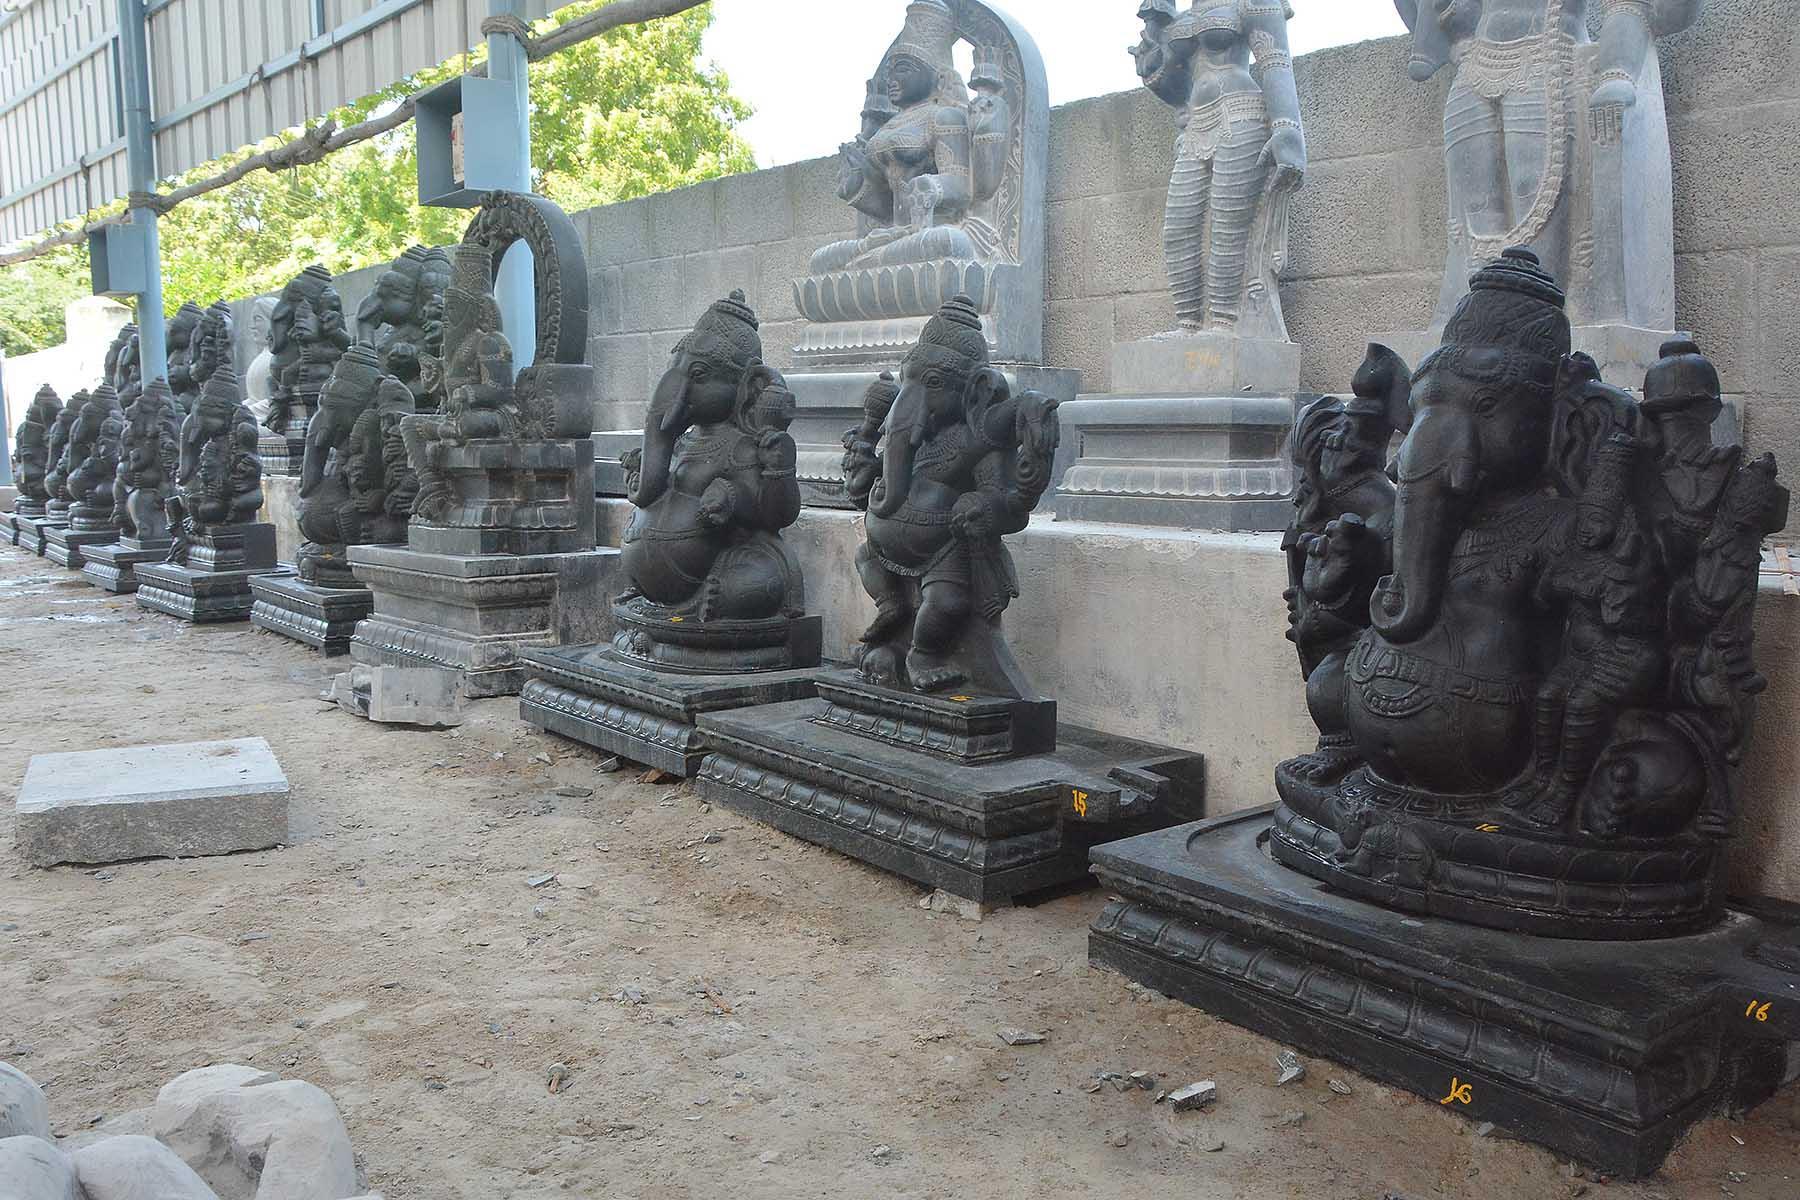 மாமல்லபுரம் சிற்பம், விநாயகர் சிலைகள்